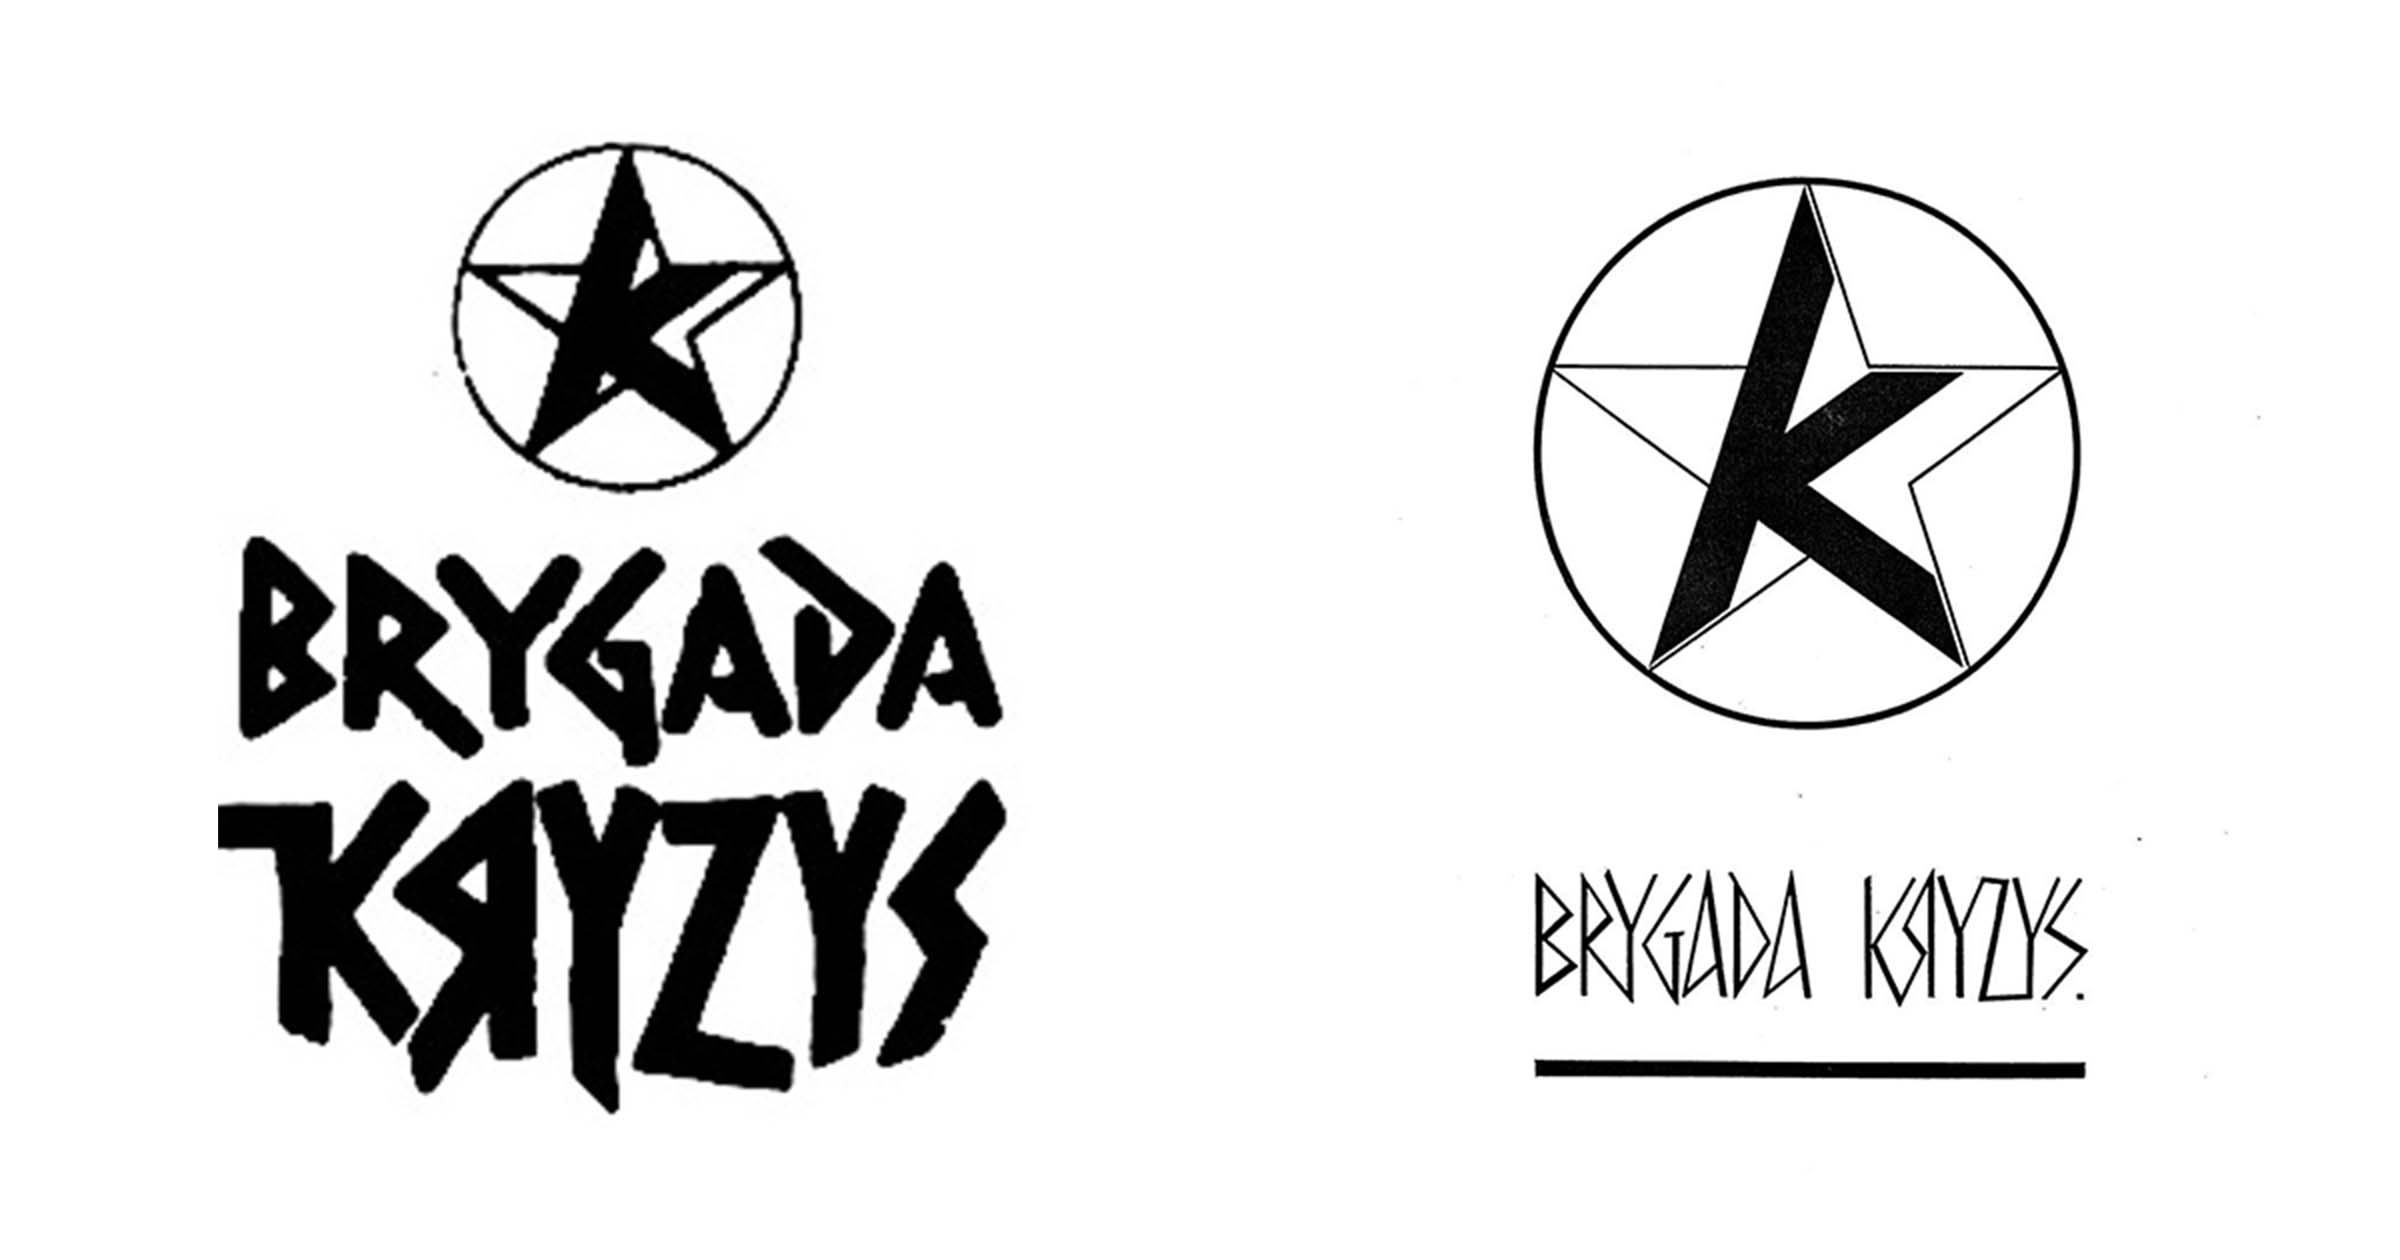 4.Pierwsze logo Brygady Kryzys (po lewej) i jego późniejszy wariant